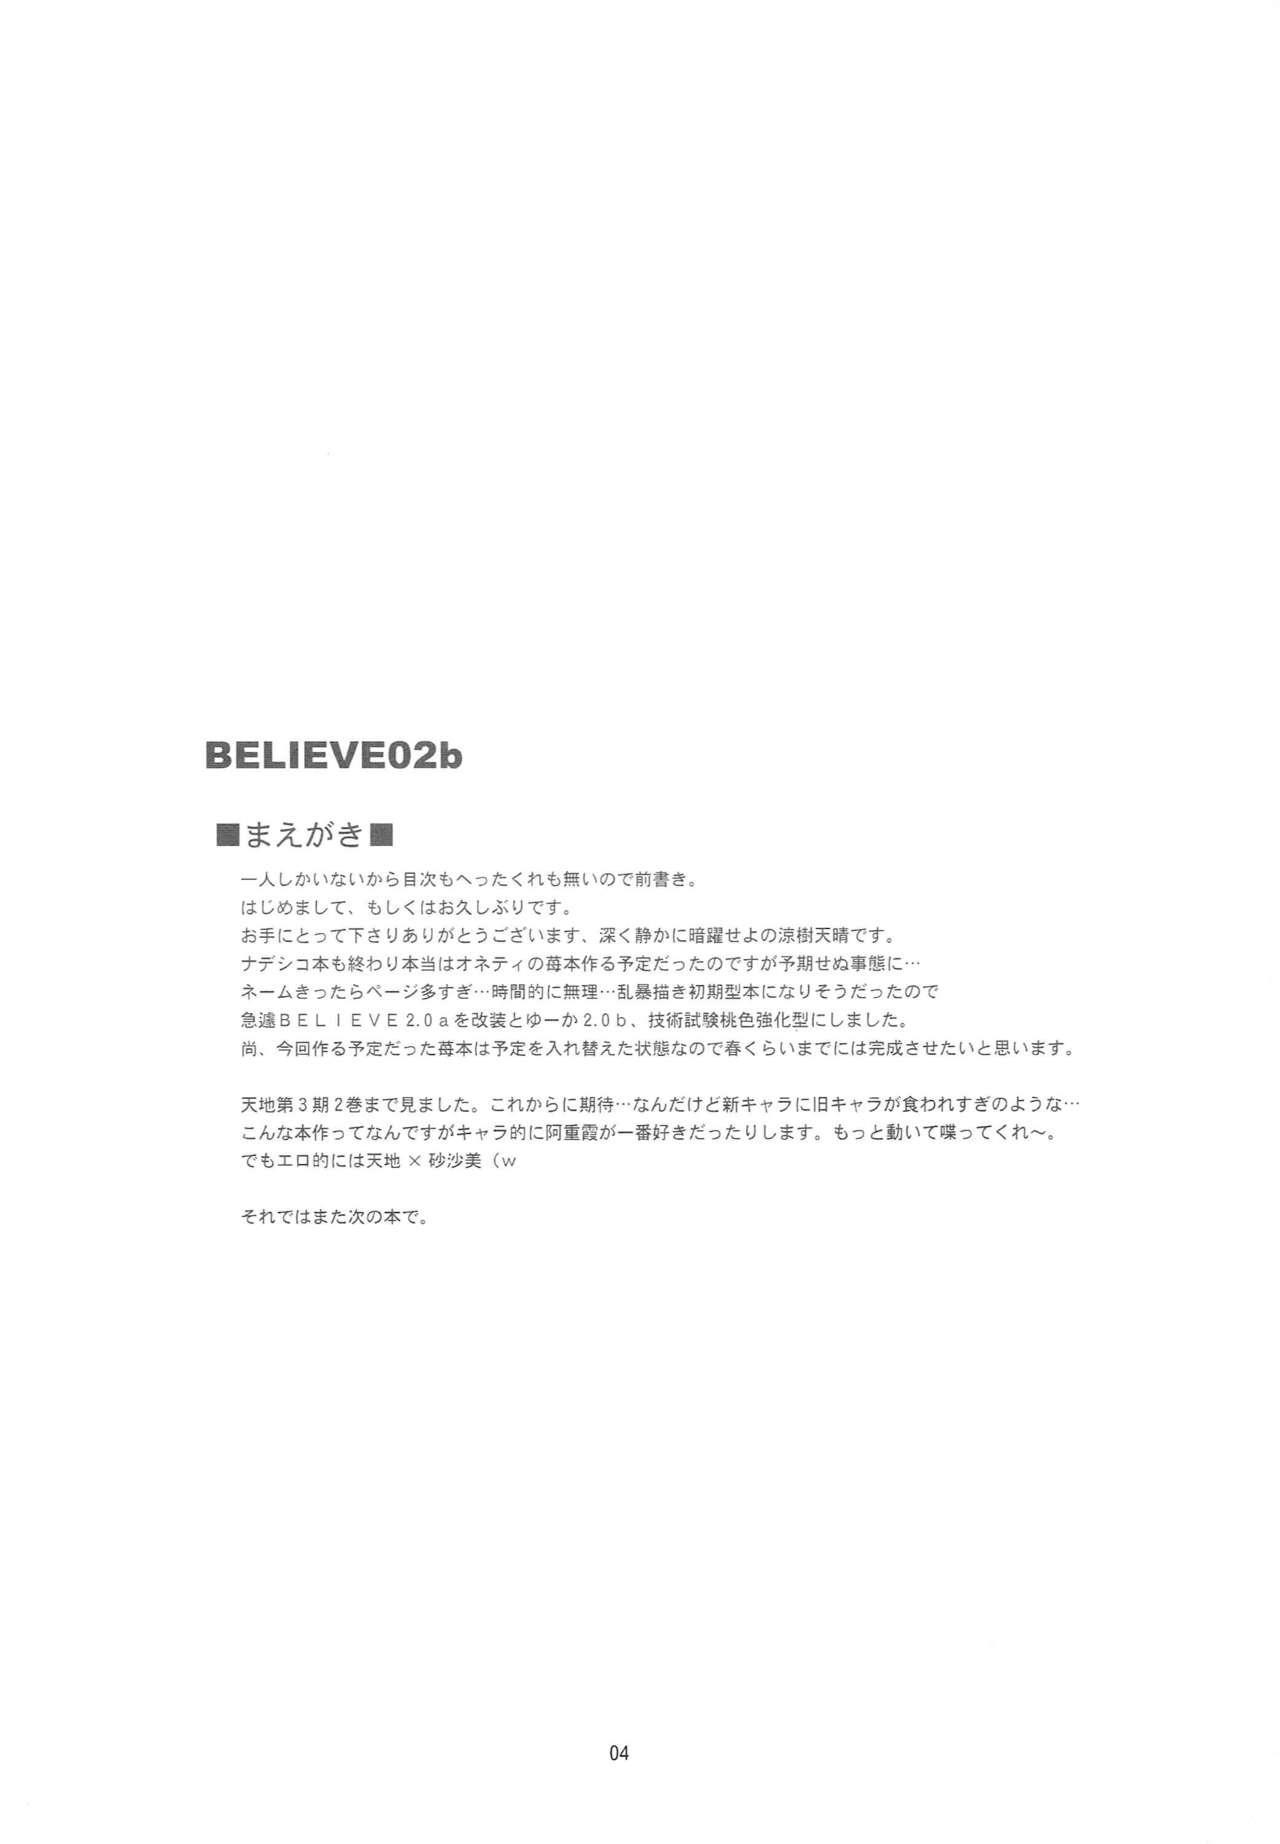 BELIEVE 02b 2